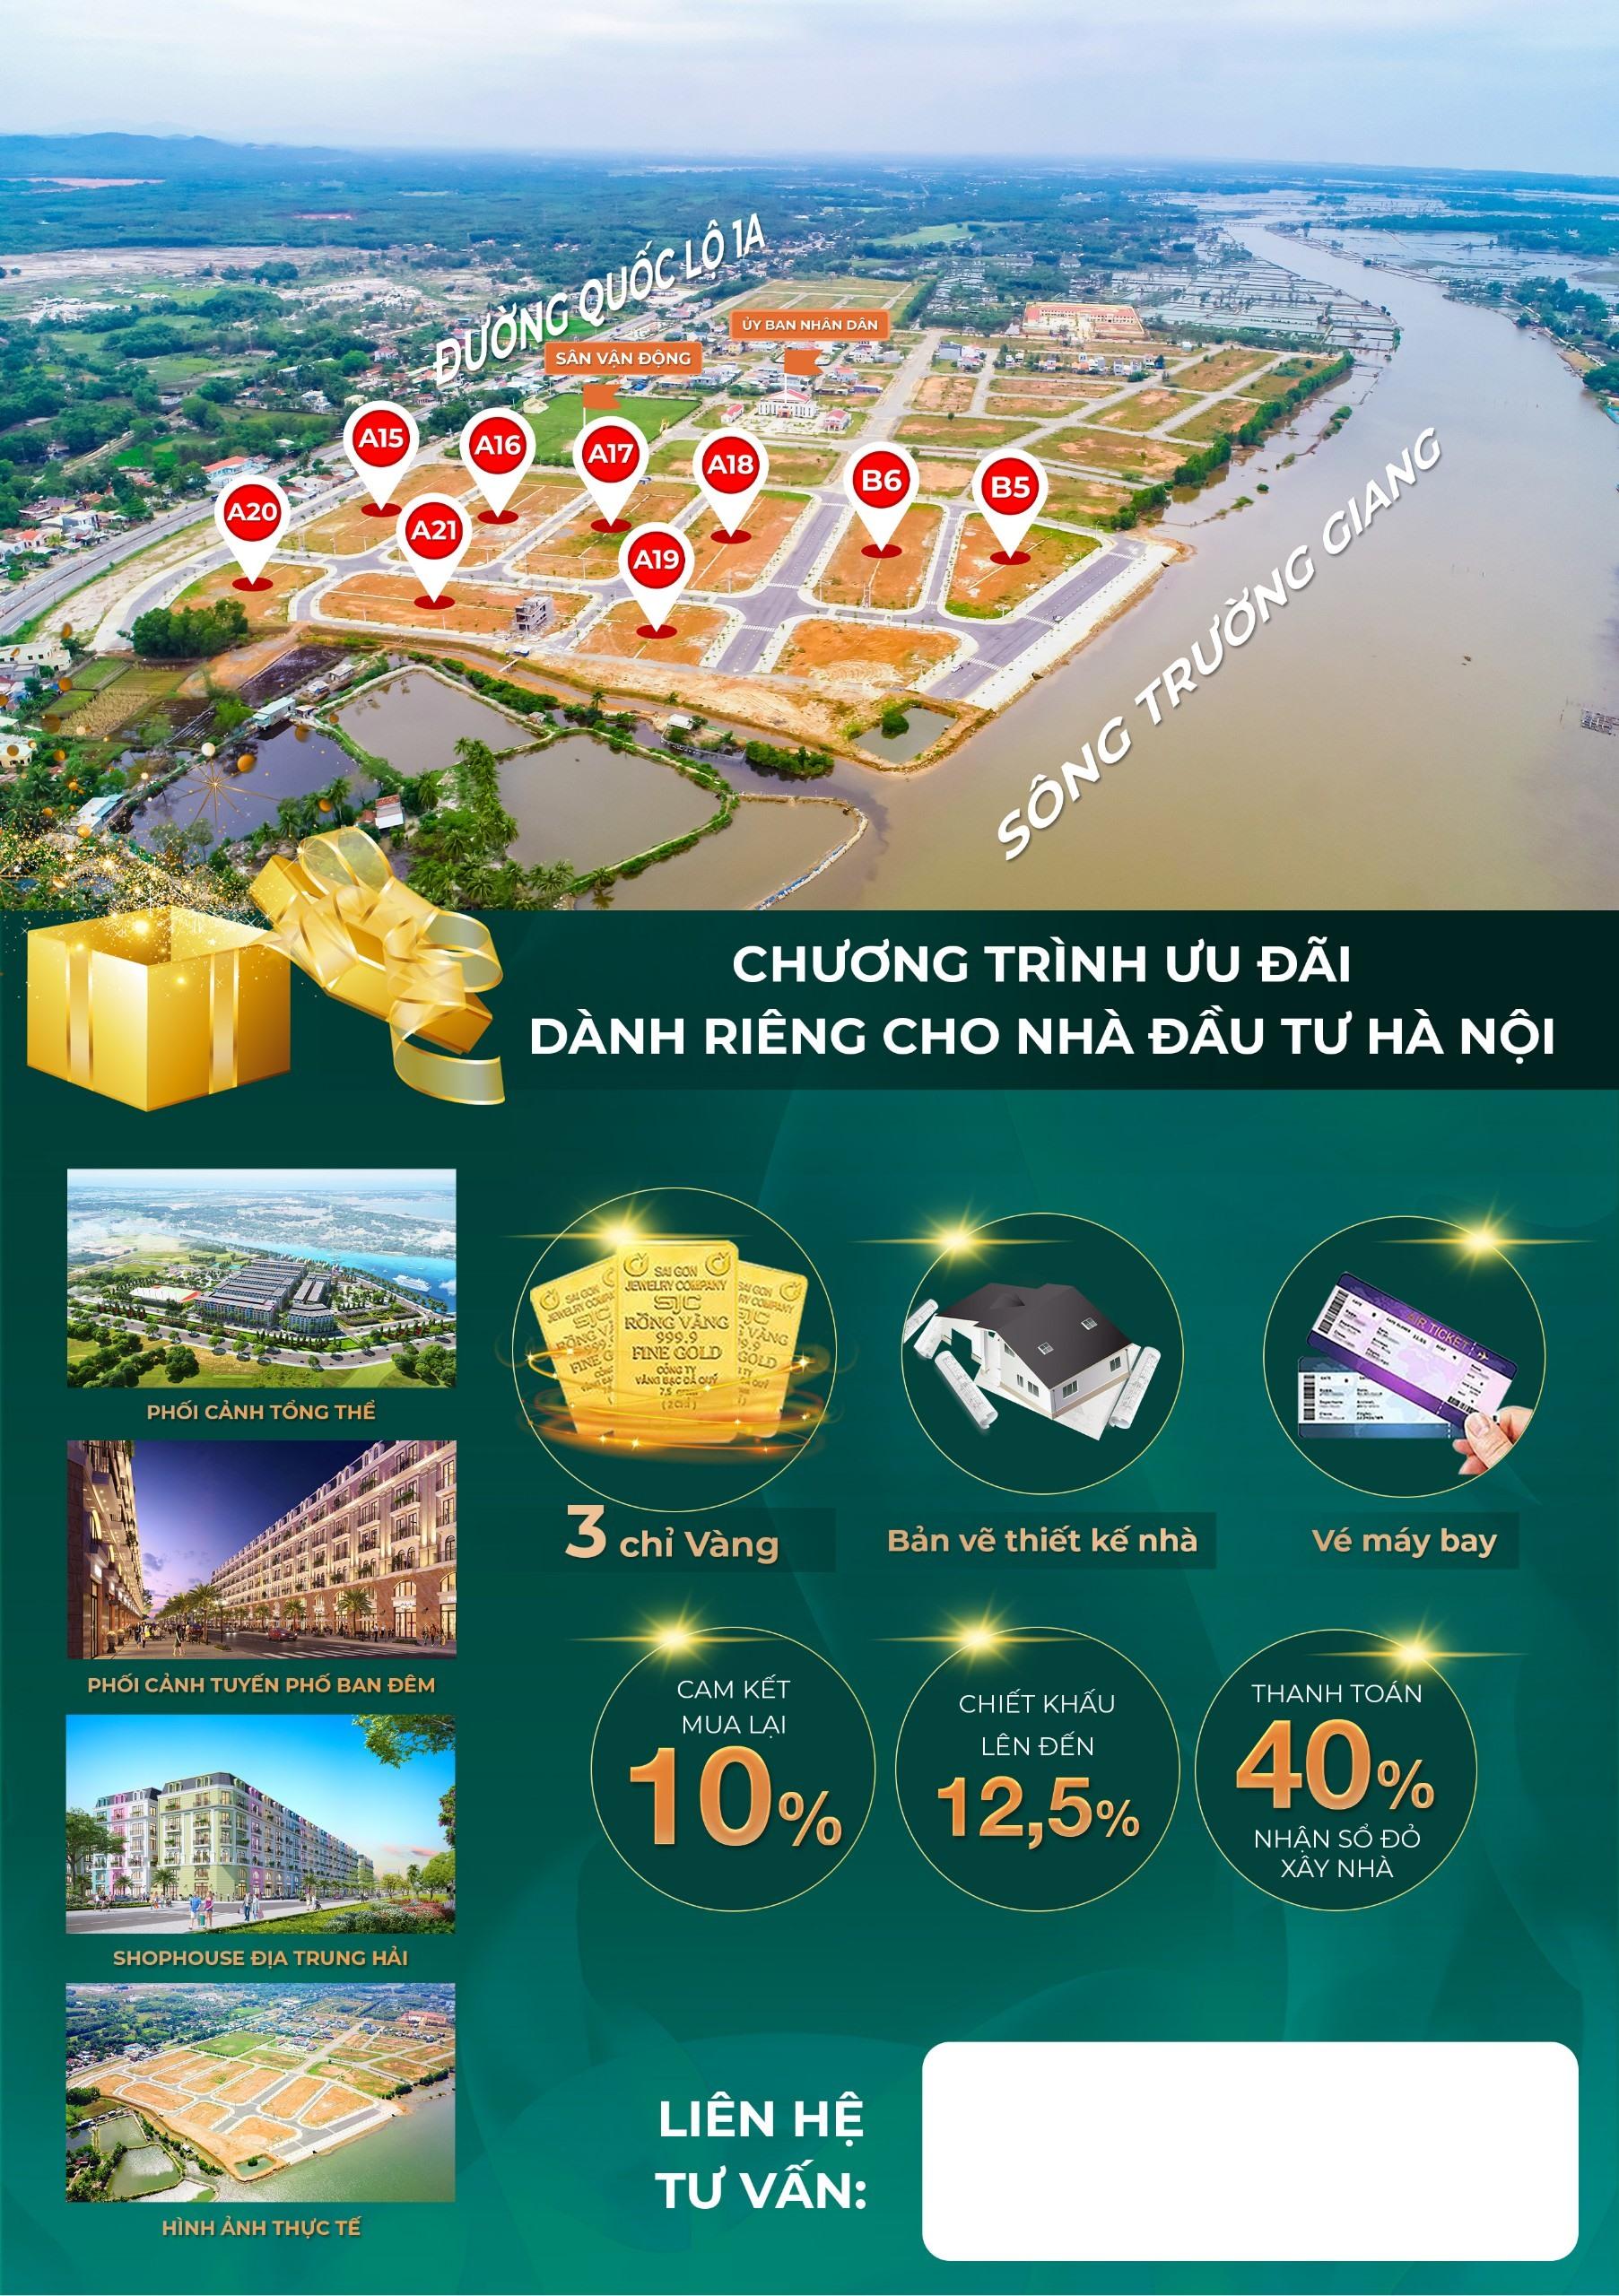 Các chính sách ưu đãi cho nhà đầu tư phía Bắc giao dịch Chu Lai Riverside